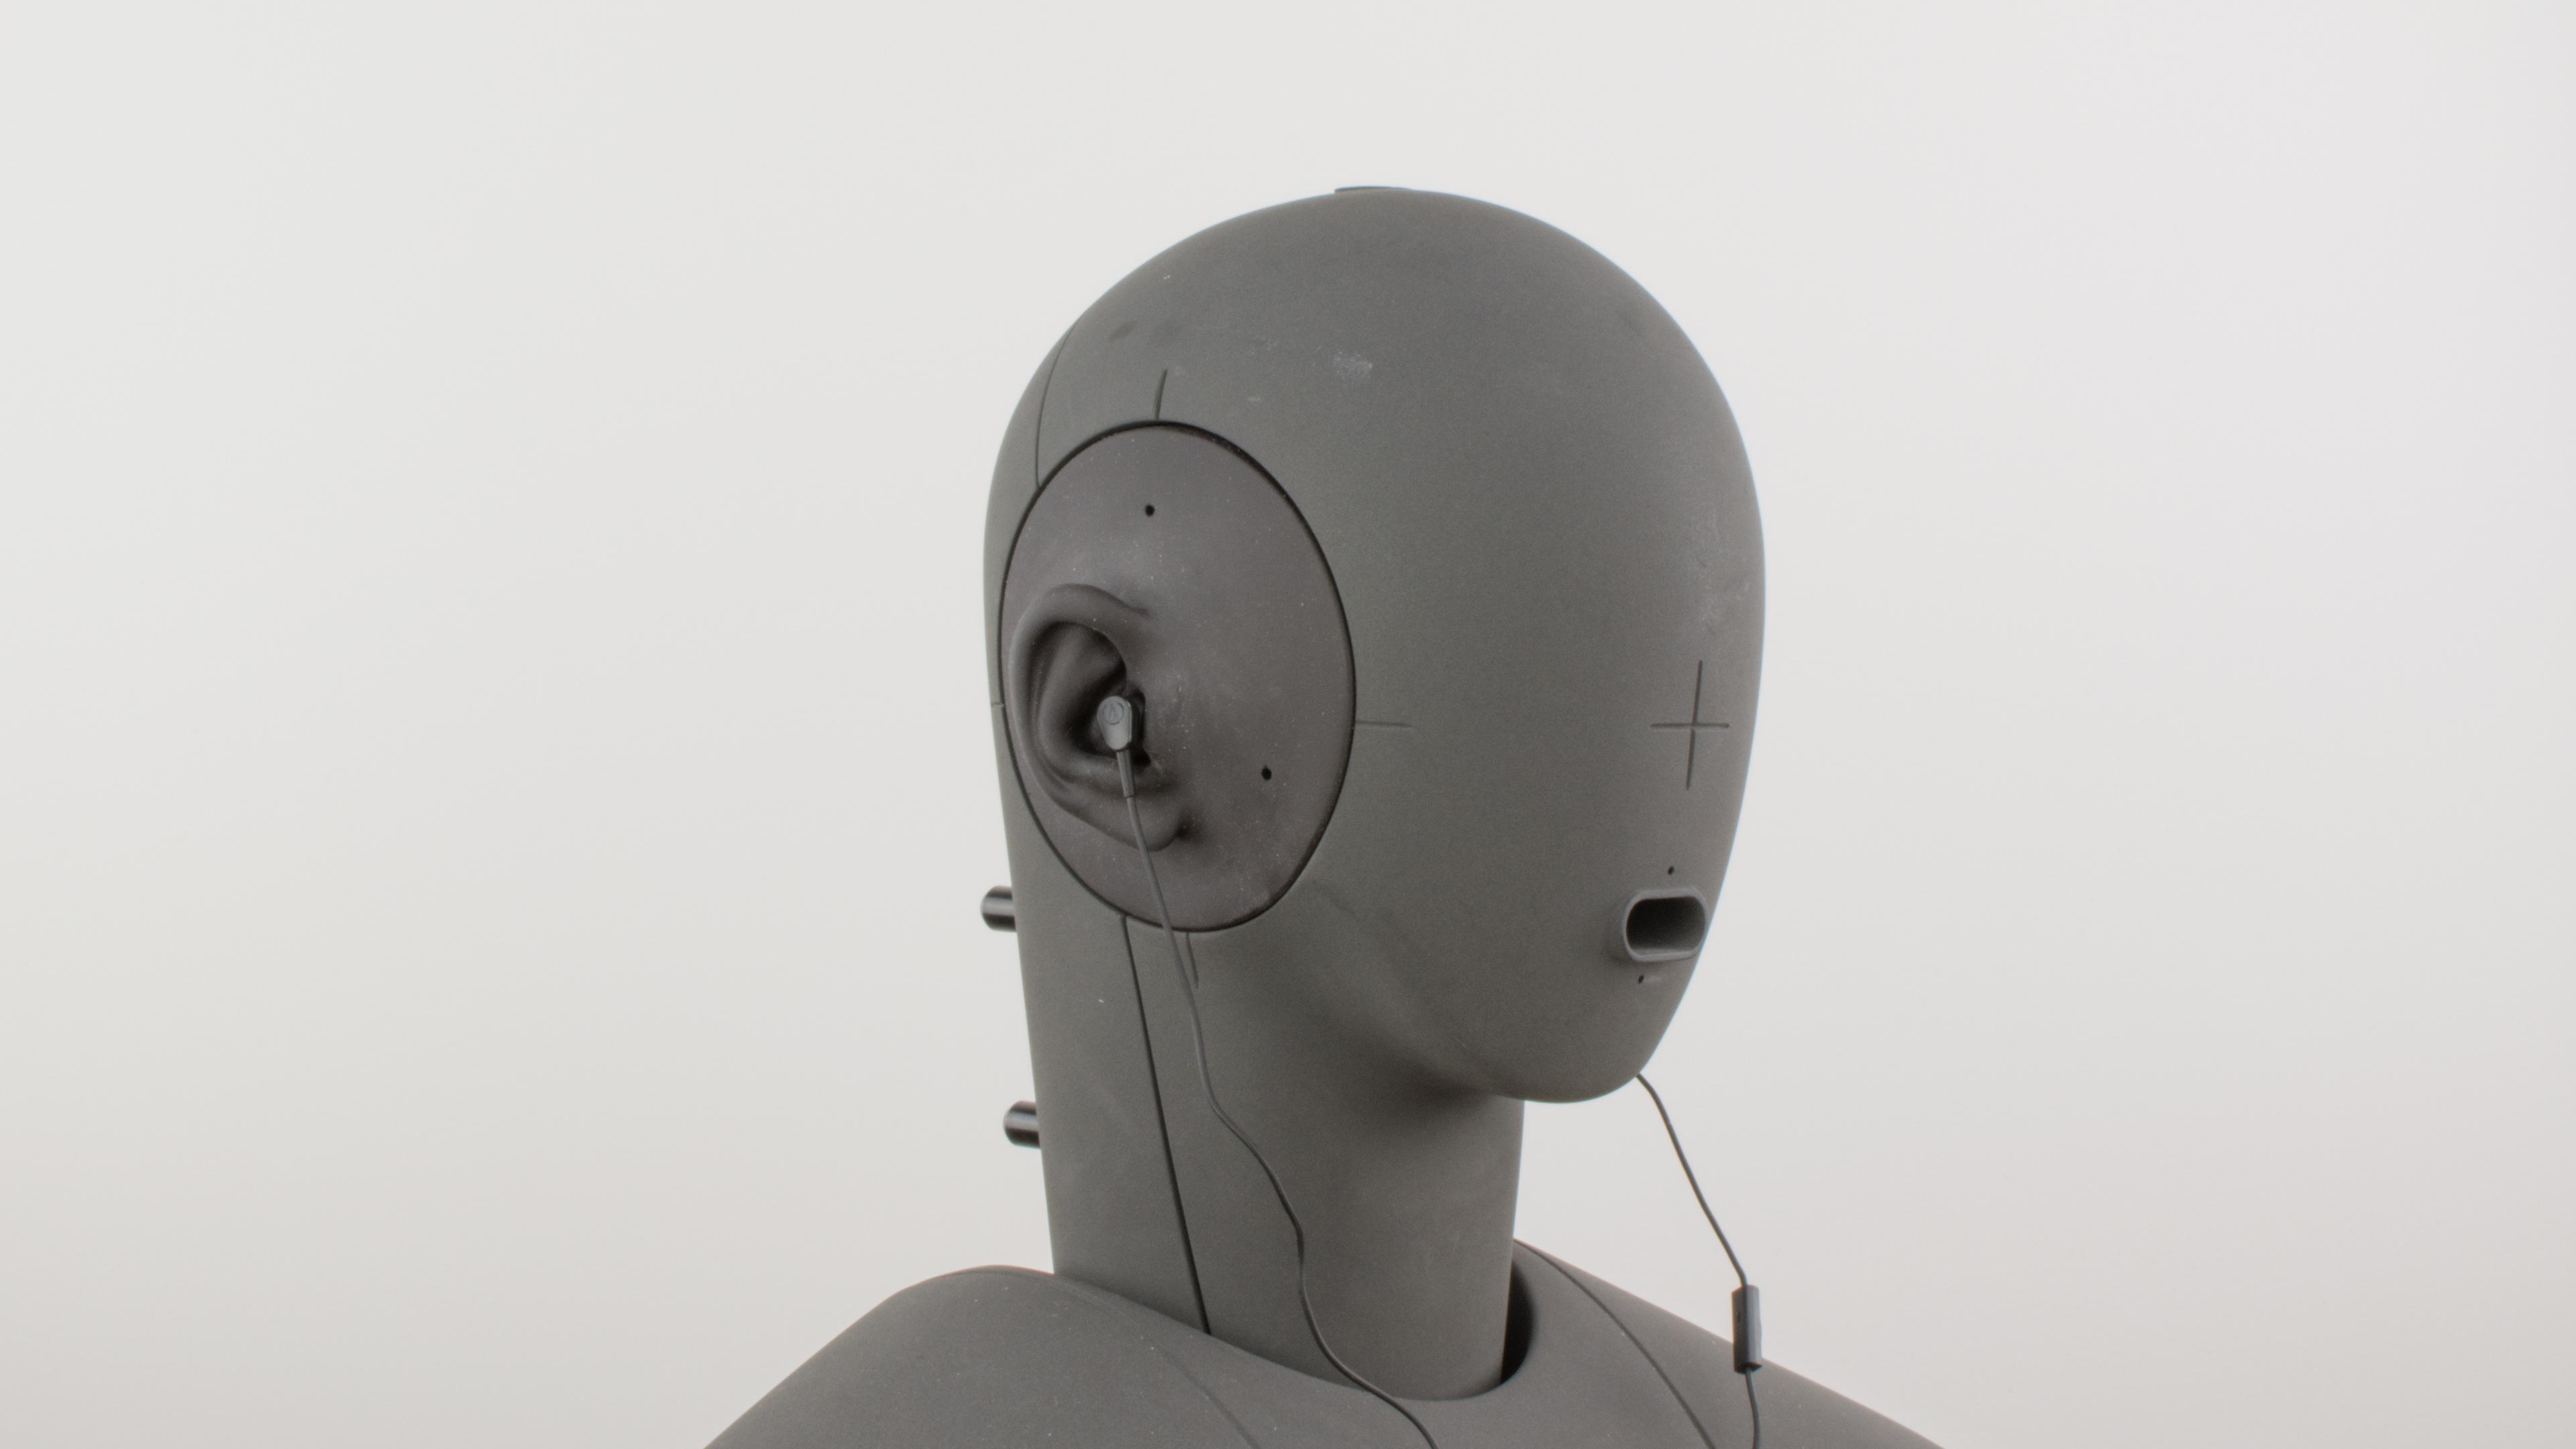 Audio-Technica ATH-ANC33iS Design Picture 2